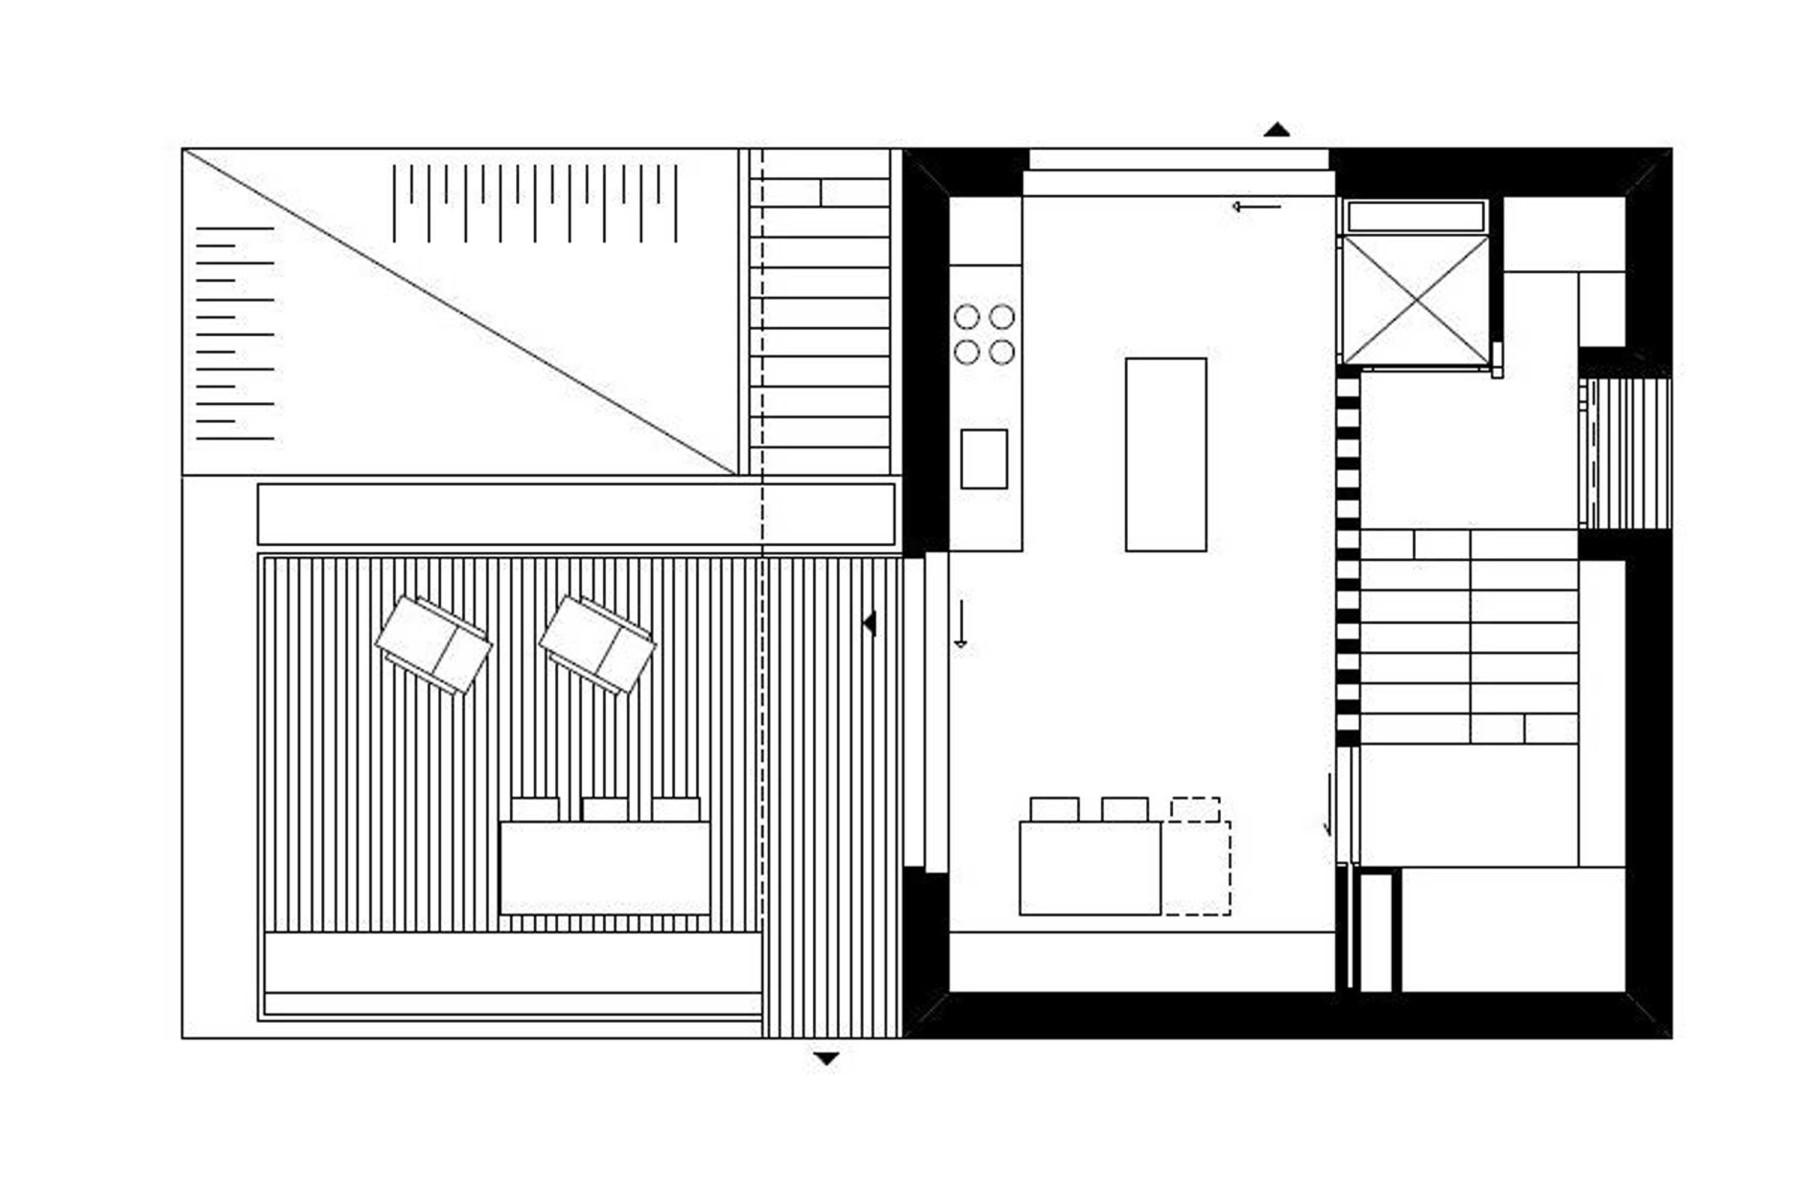 Grundrissatlas einfamilienhaus architekturbuch for Einfamilienhaus grundriss